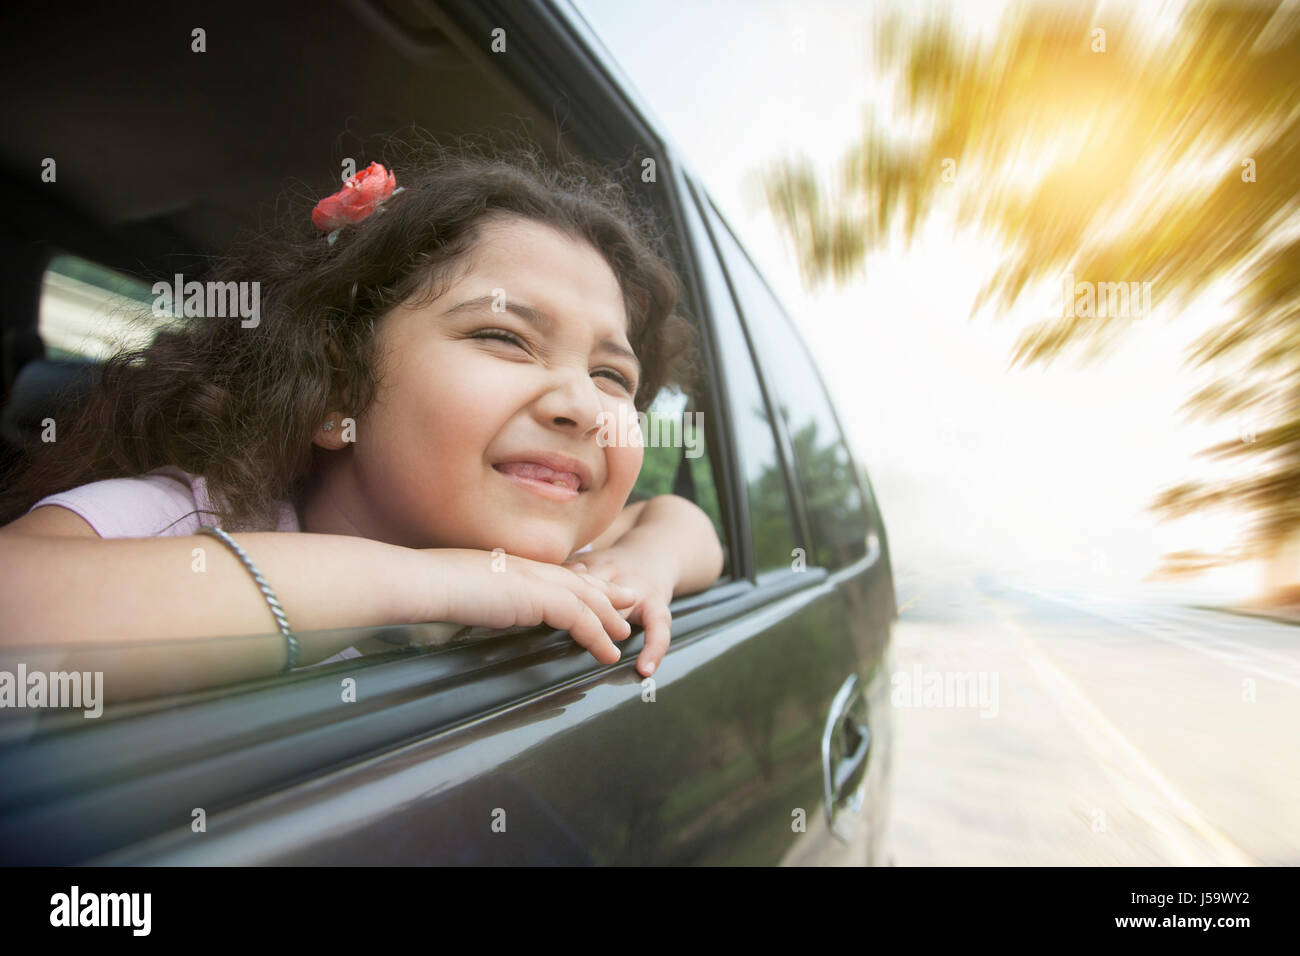 Ragazza sorridente a guardare fuori dalla finestra per auto Immagini Stock